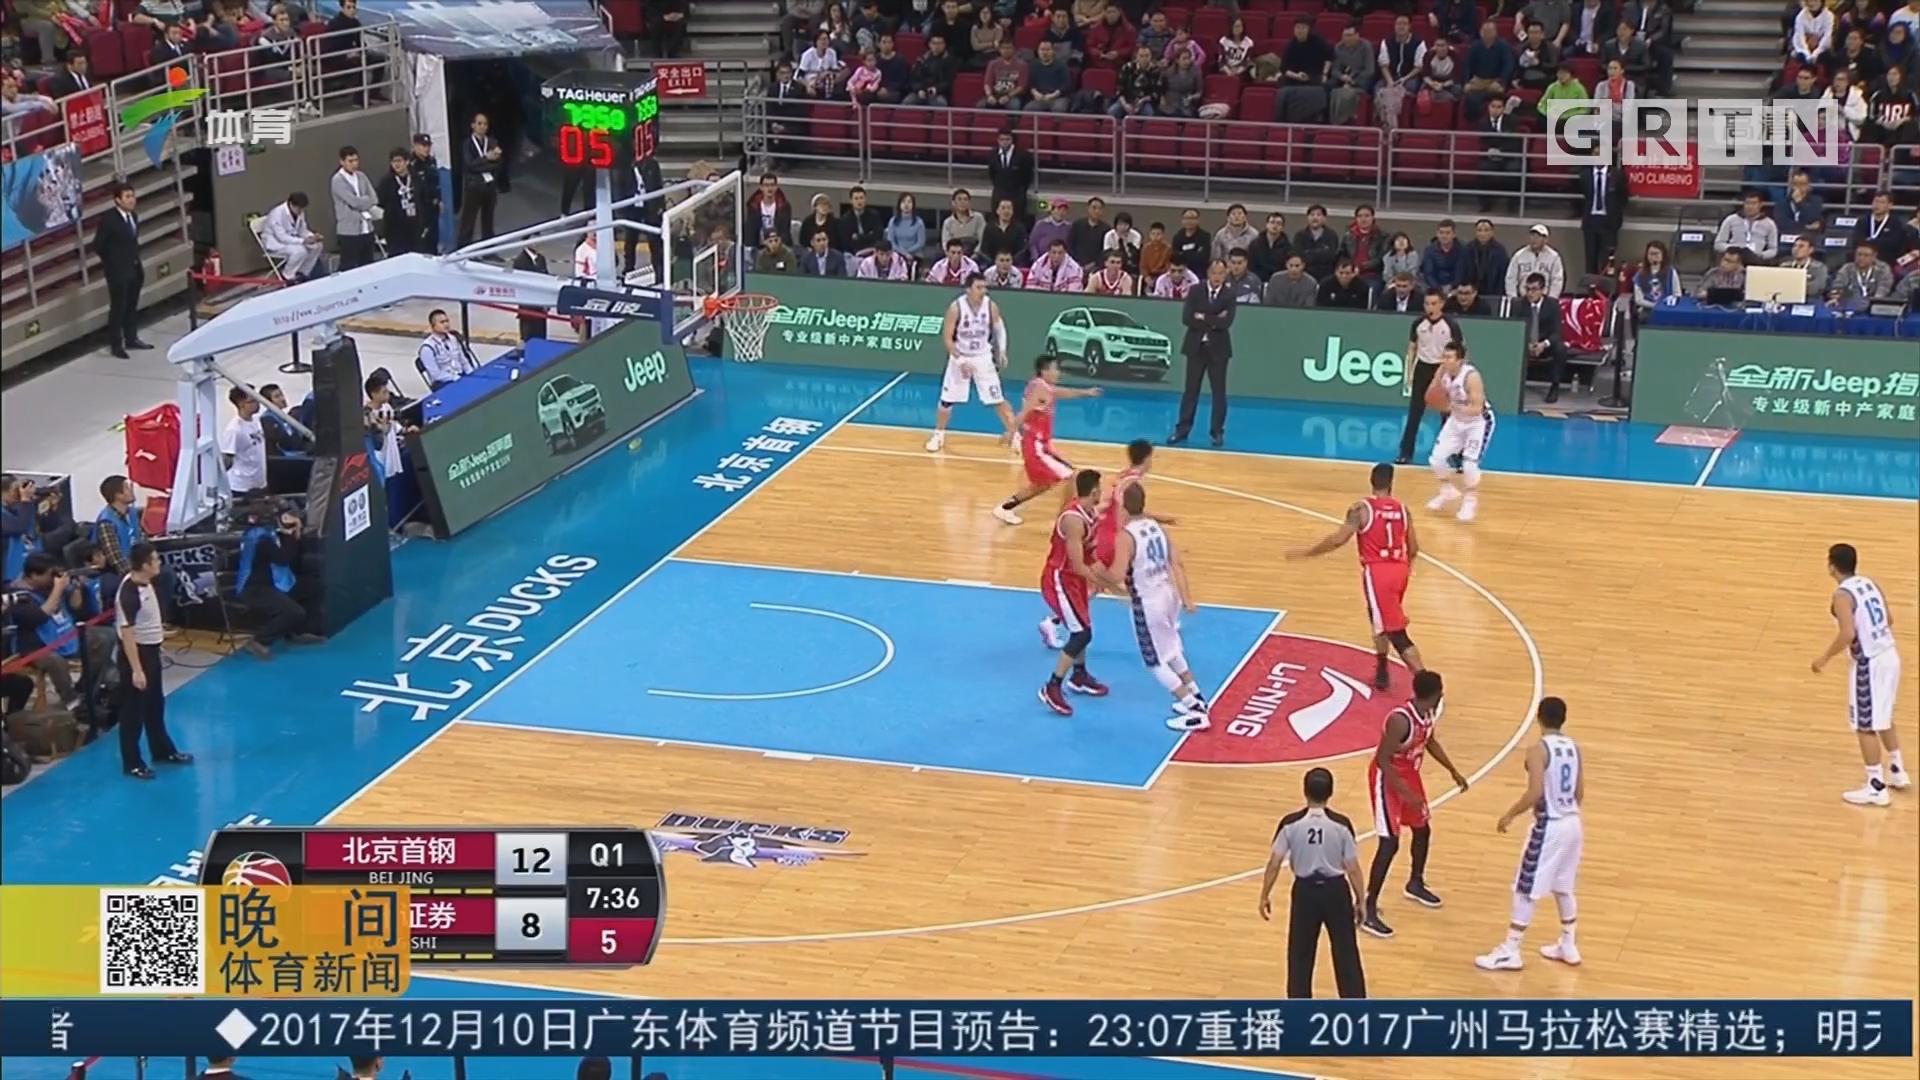 汉斯布鲁空砍38分难救主 广州客场不敌北京遭遇两连败